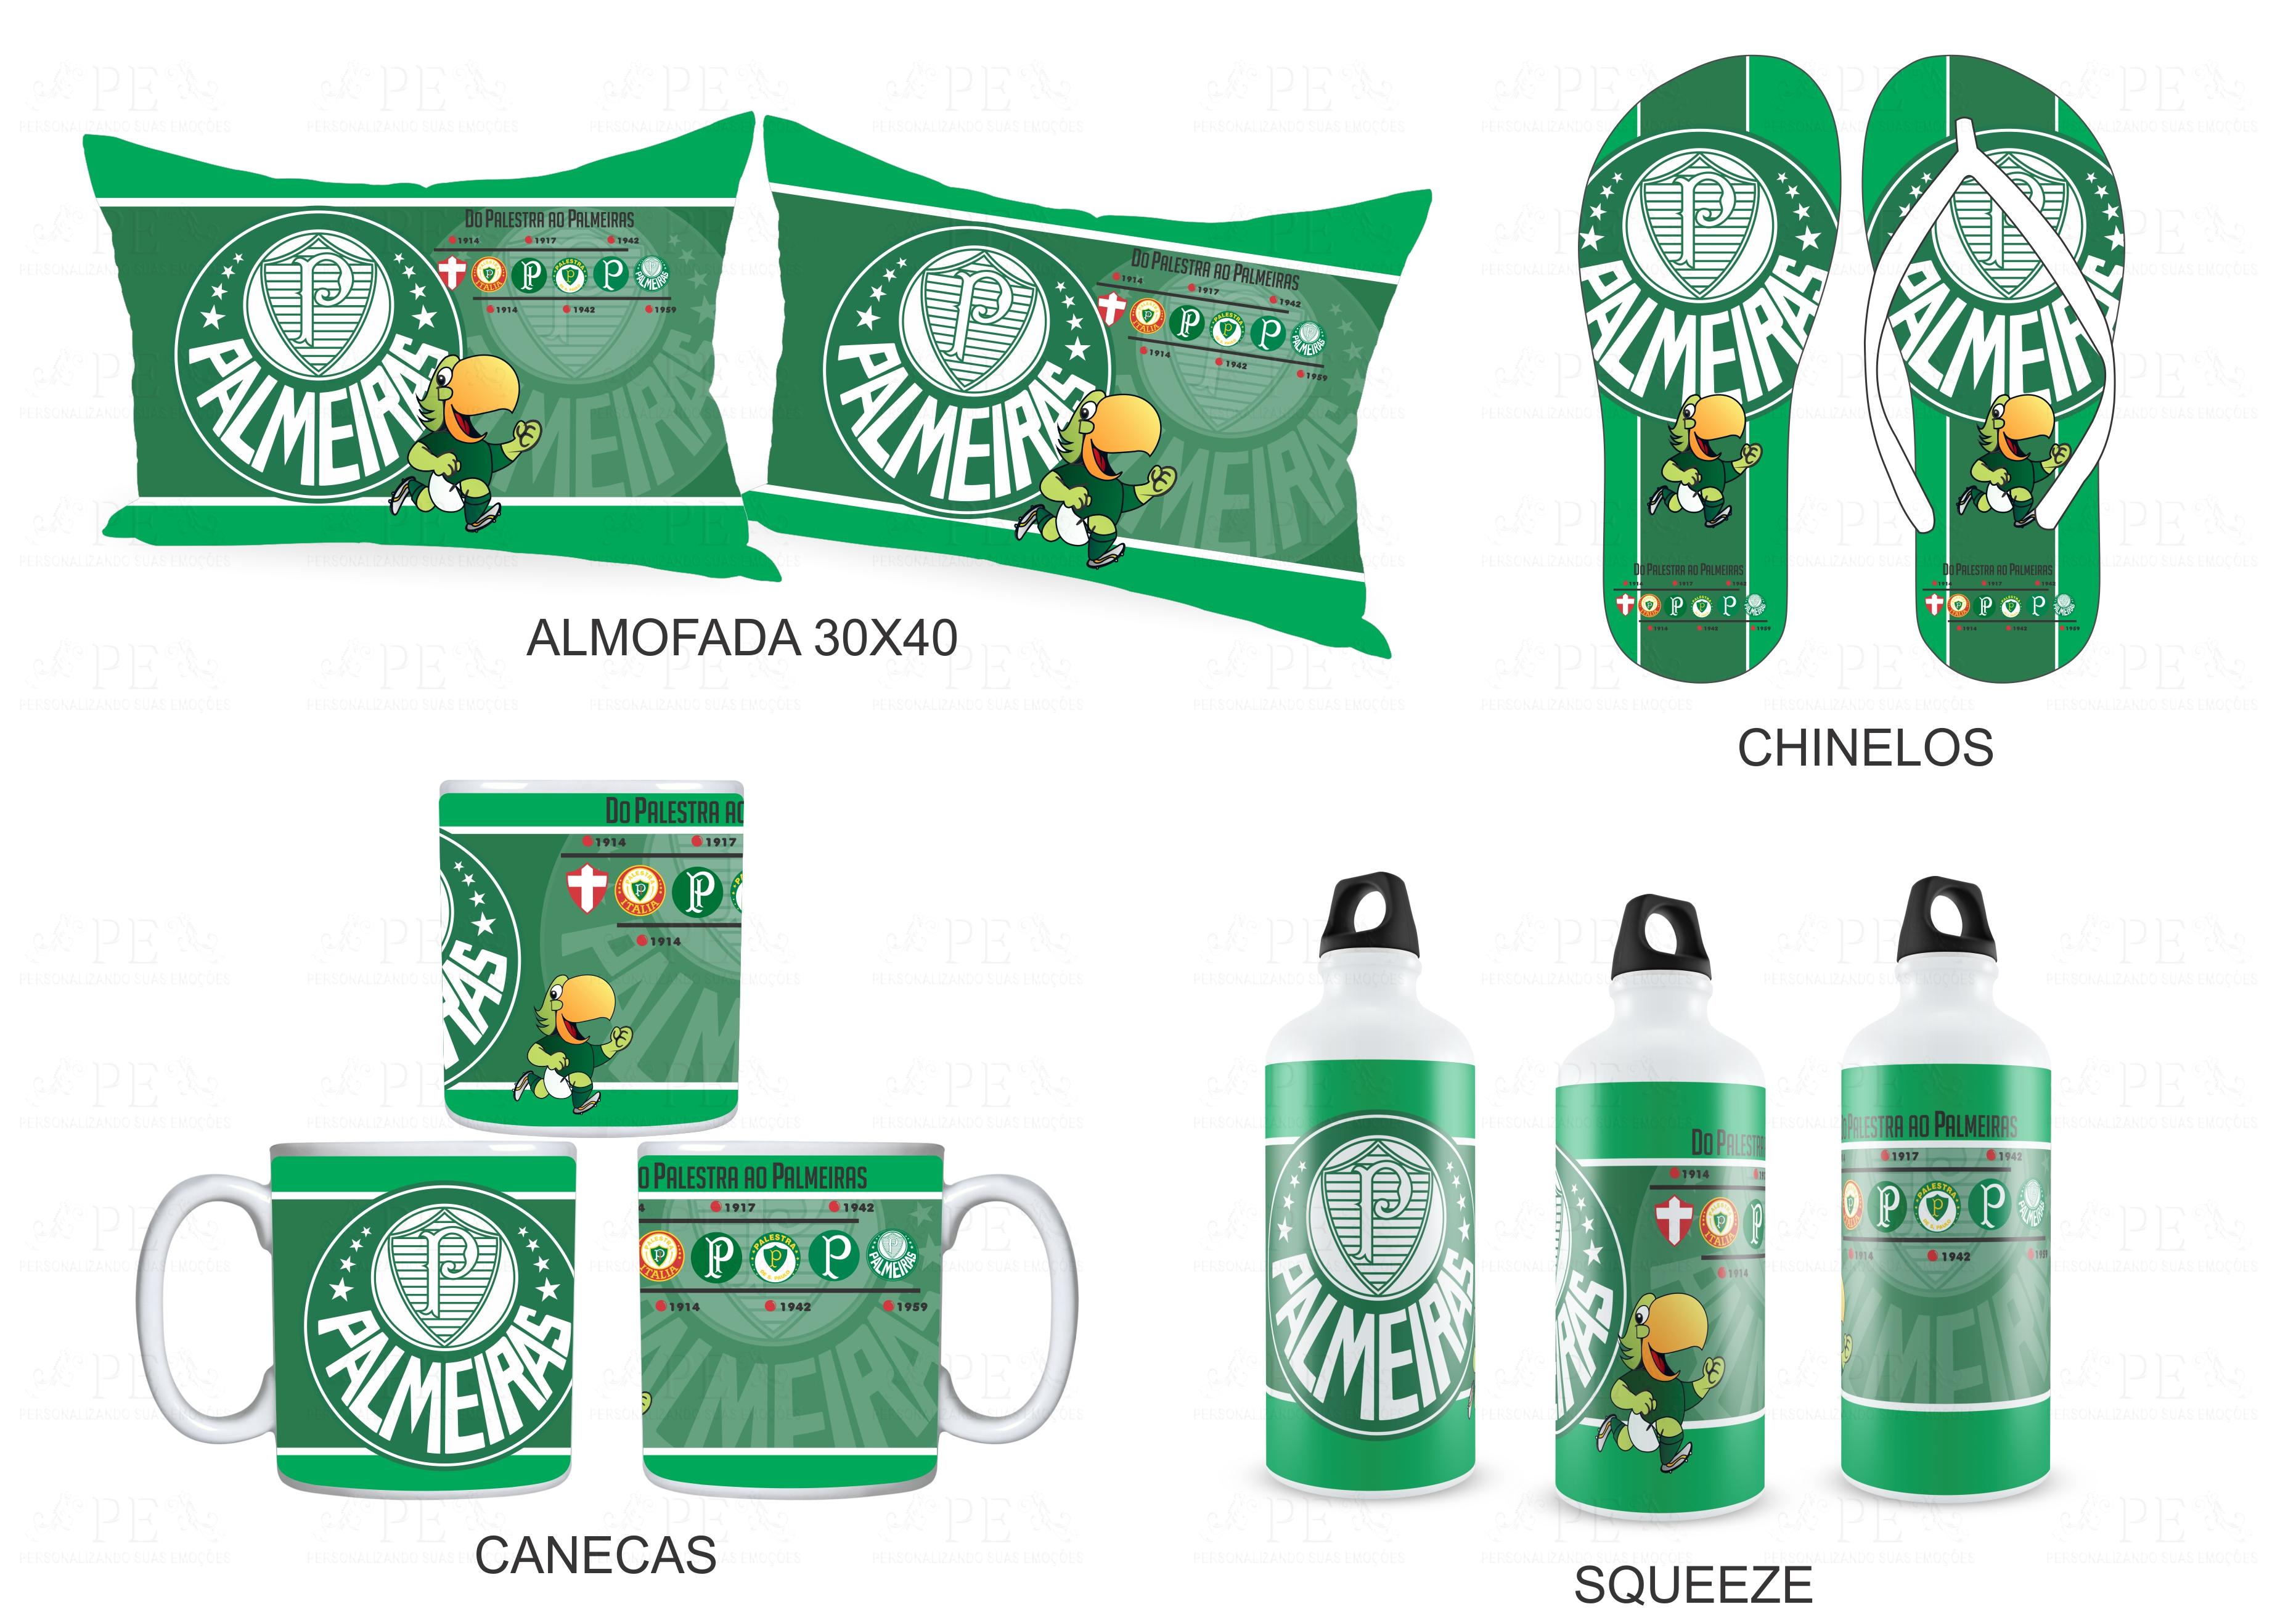 Kit Personalizado Palmeirense  574aac37e1d34